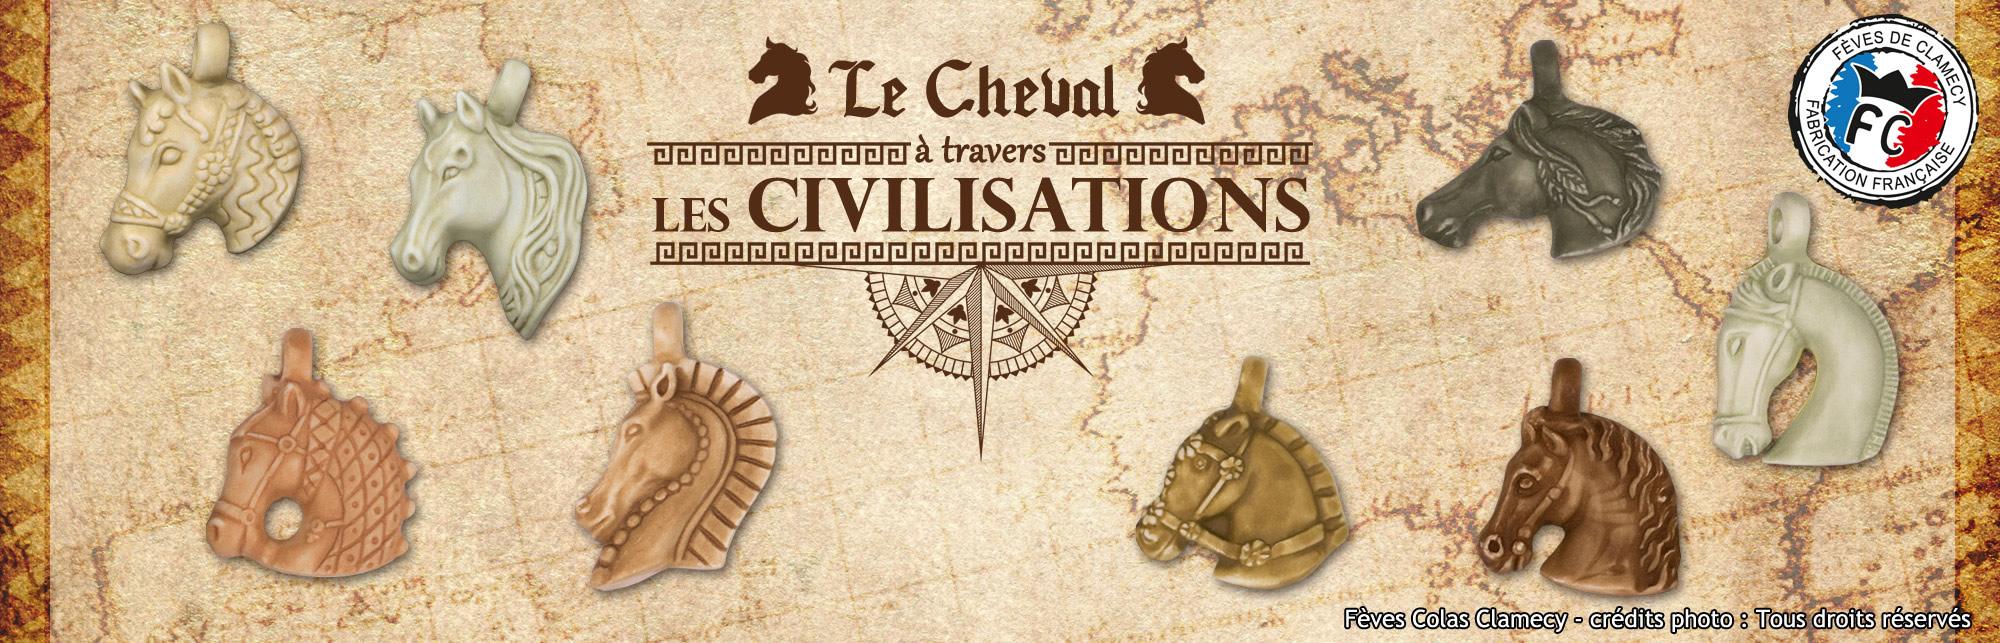 Slider-Fèves-de-Clamecy-Cheval-civilisations